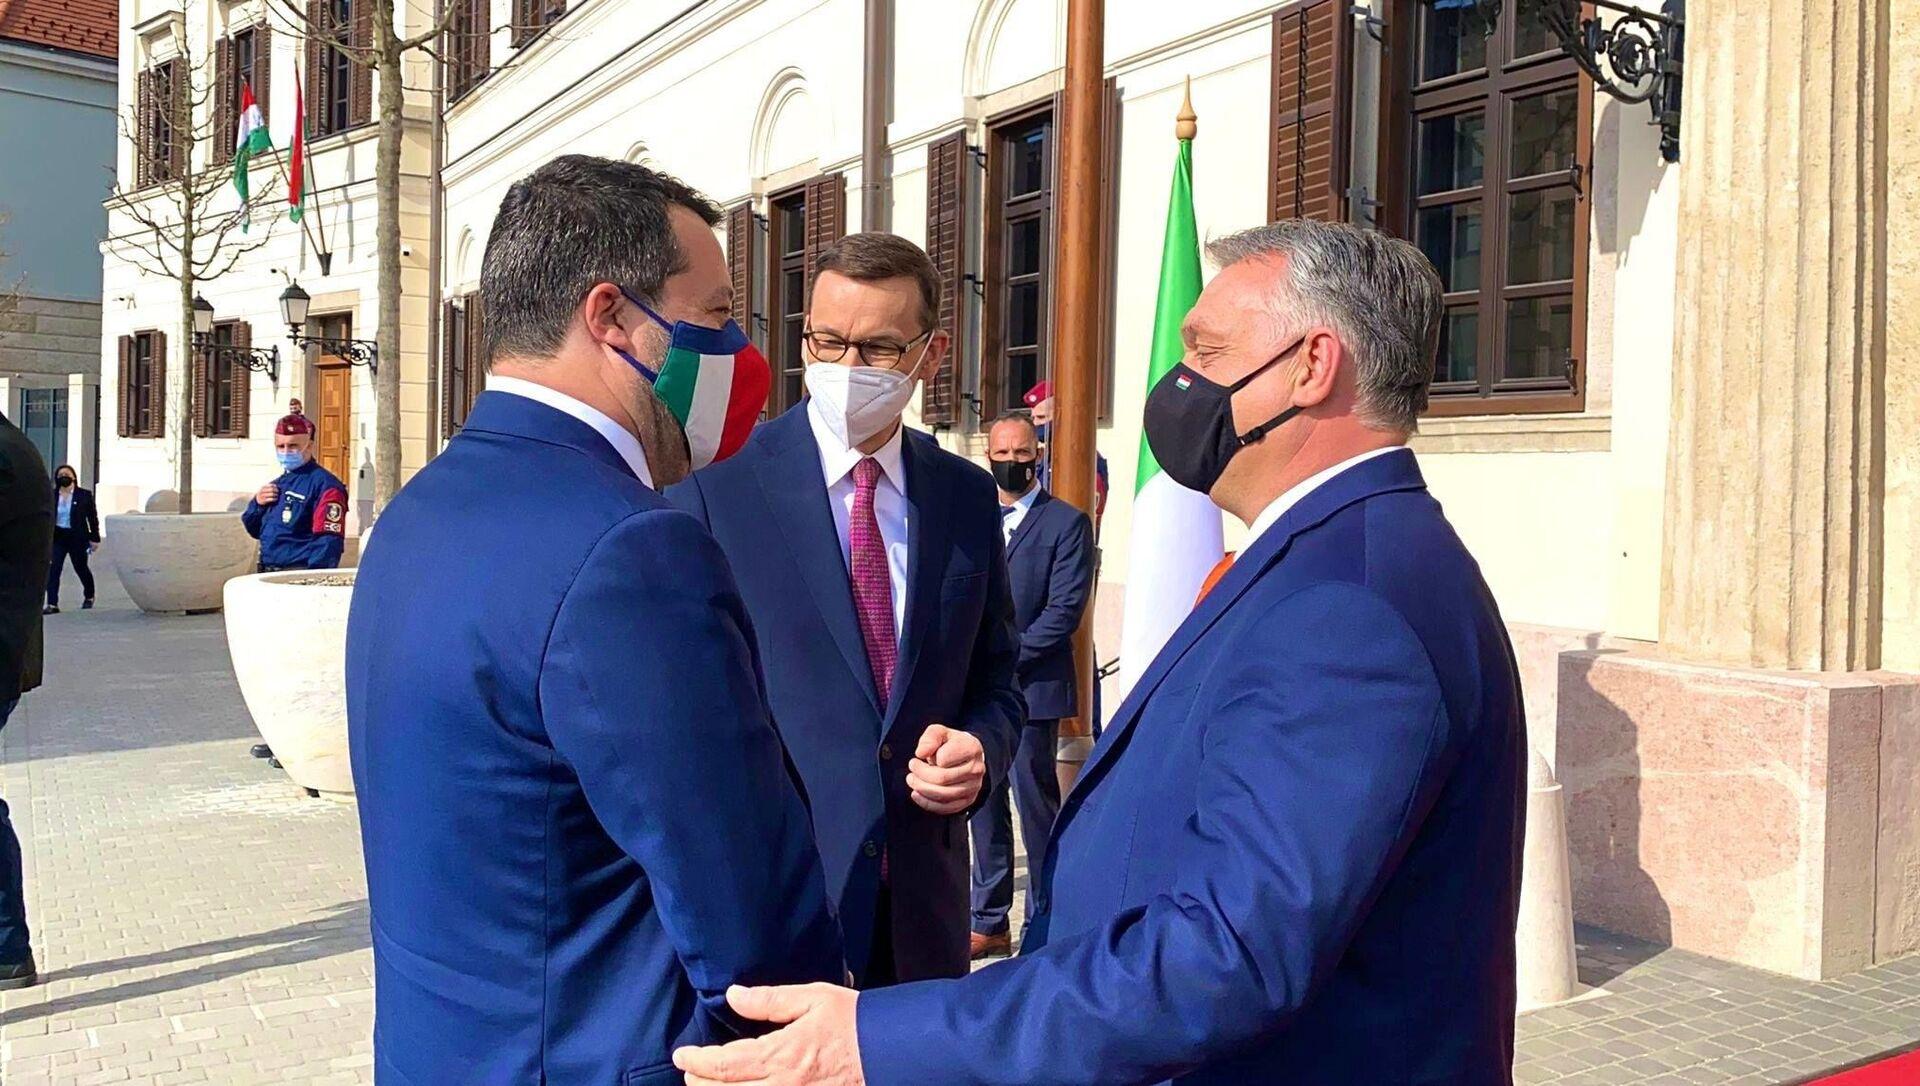 Matteo Salvini a Budapest con il premier ungherese Viktor Orbán e il premier polacco Mateusz Morawiecki. - Sputnik Italia, 1920, 18.05.2021